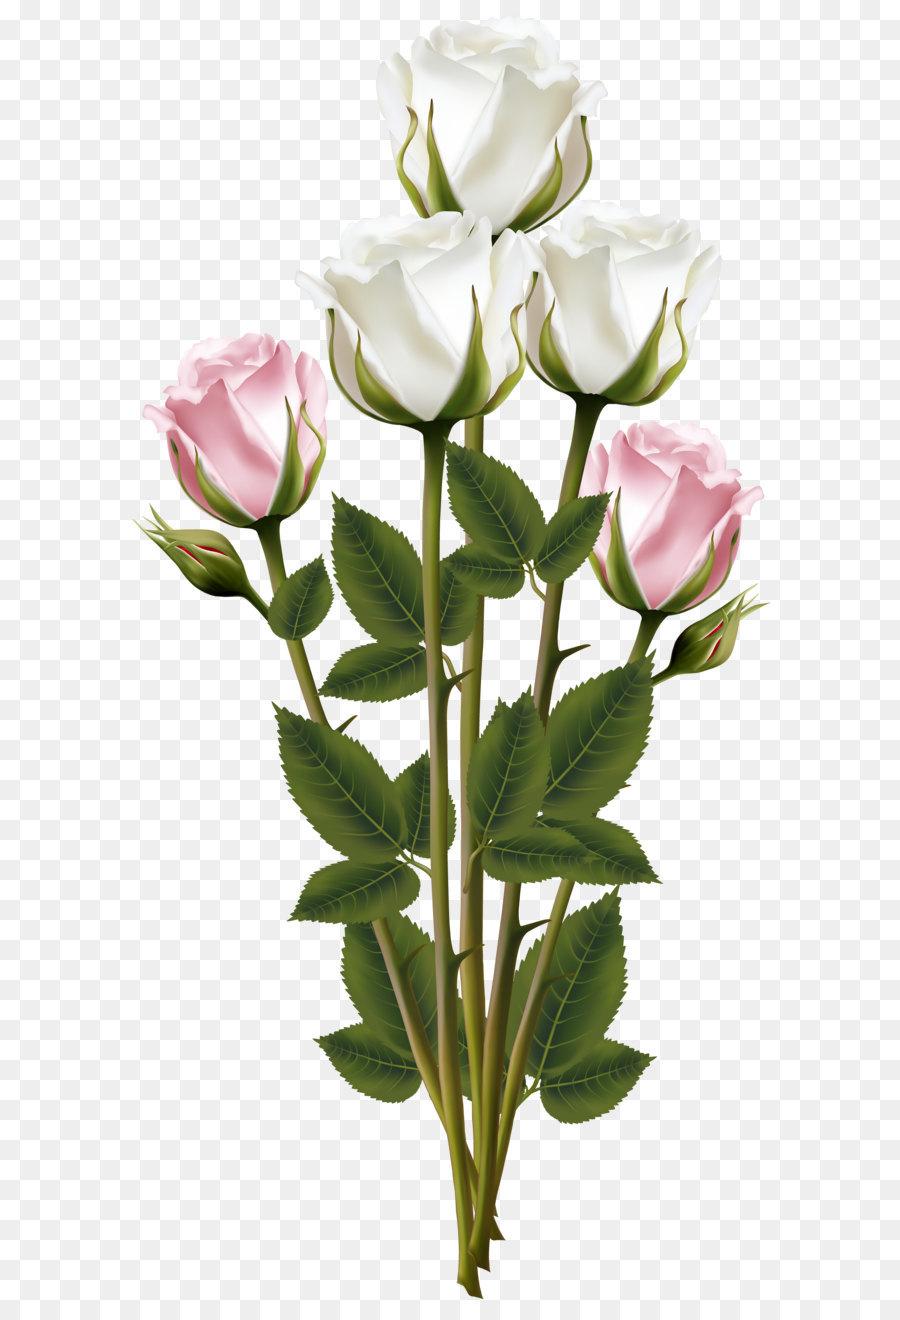 Descarga gratuita de Rosa, Flor, La Floración De La Planta Imágen de Png